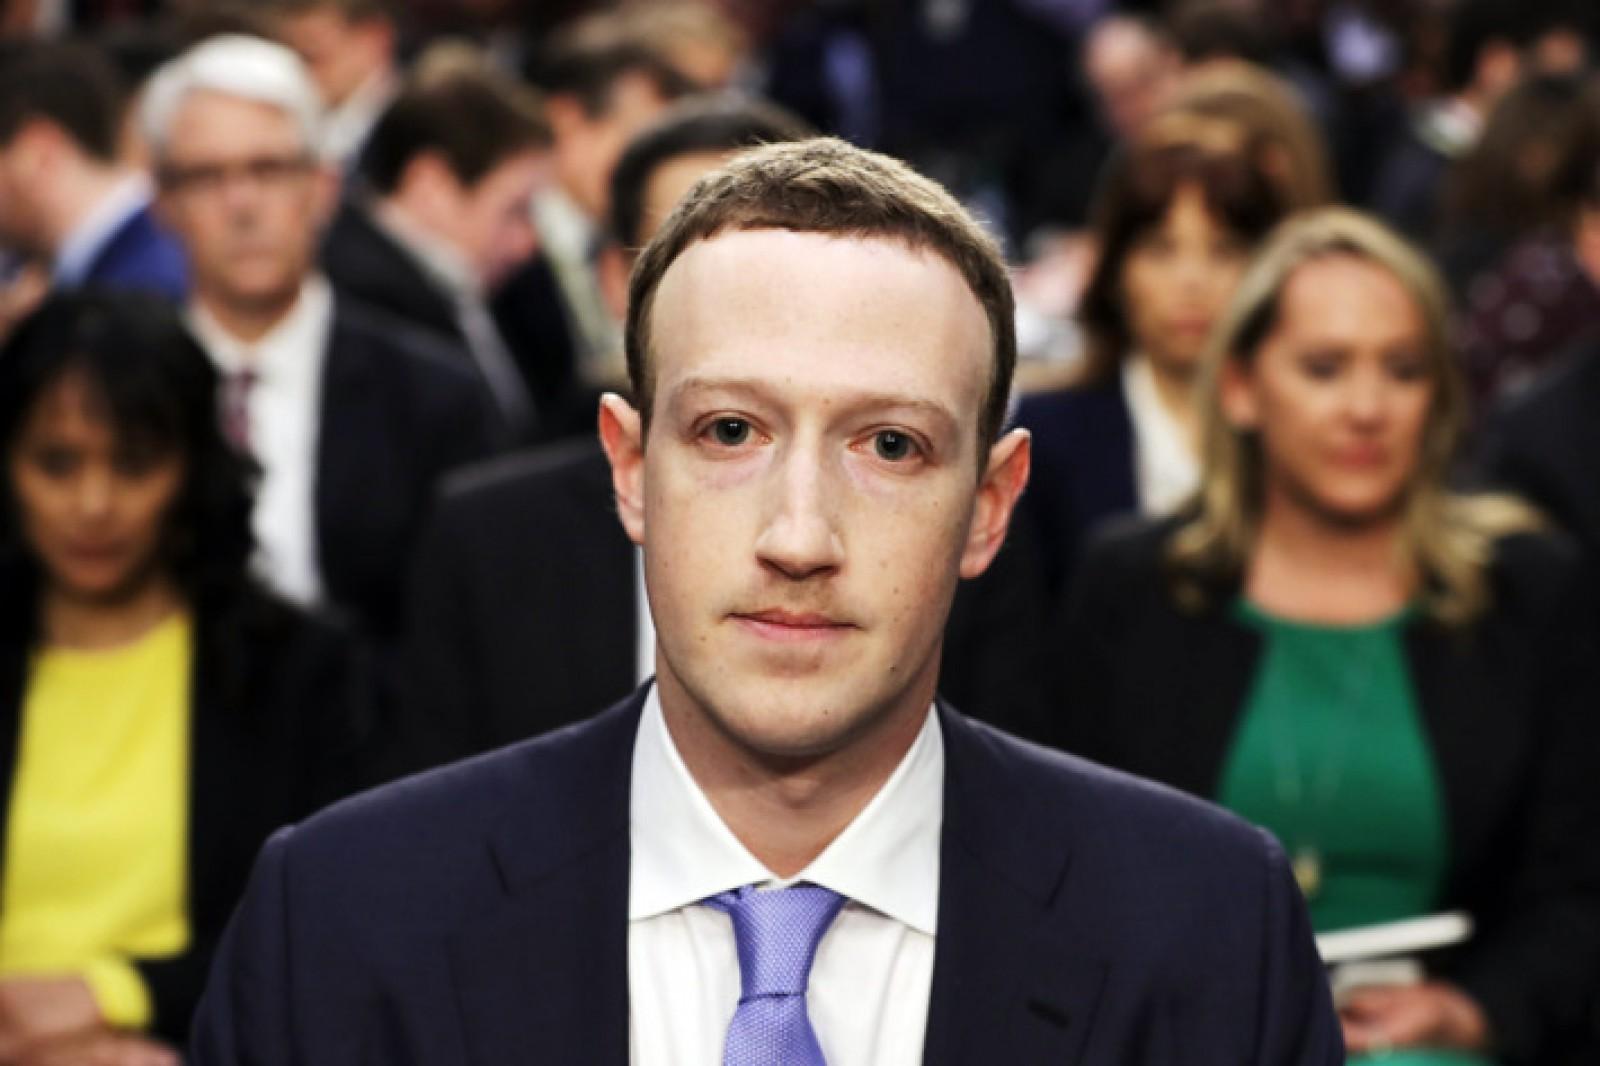 (video) Mark Zuckerberg a fost acuzat că spionează utilizatorii Facebook, în audierea dură din Camera Reprezentanților